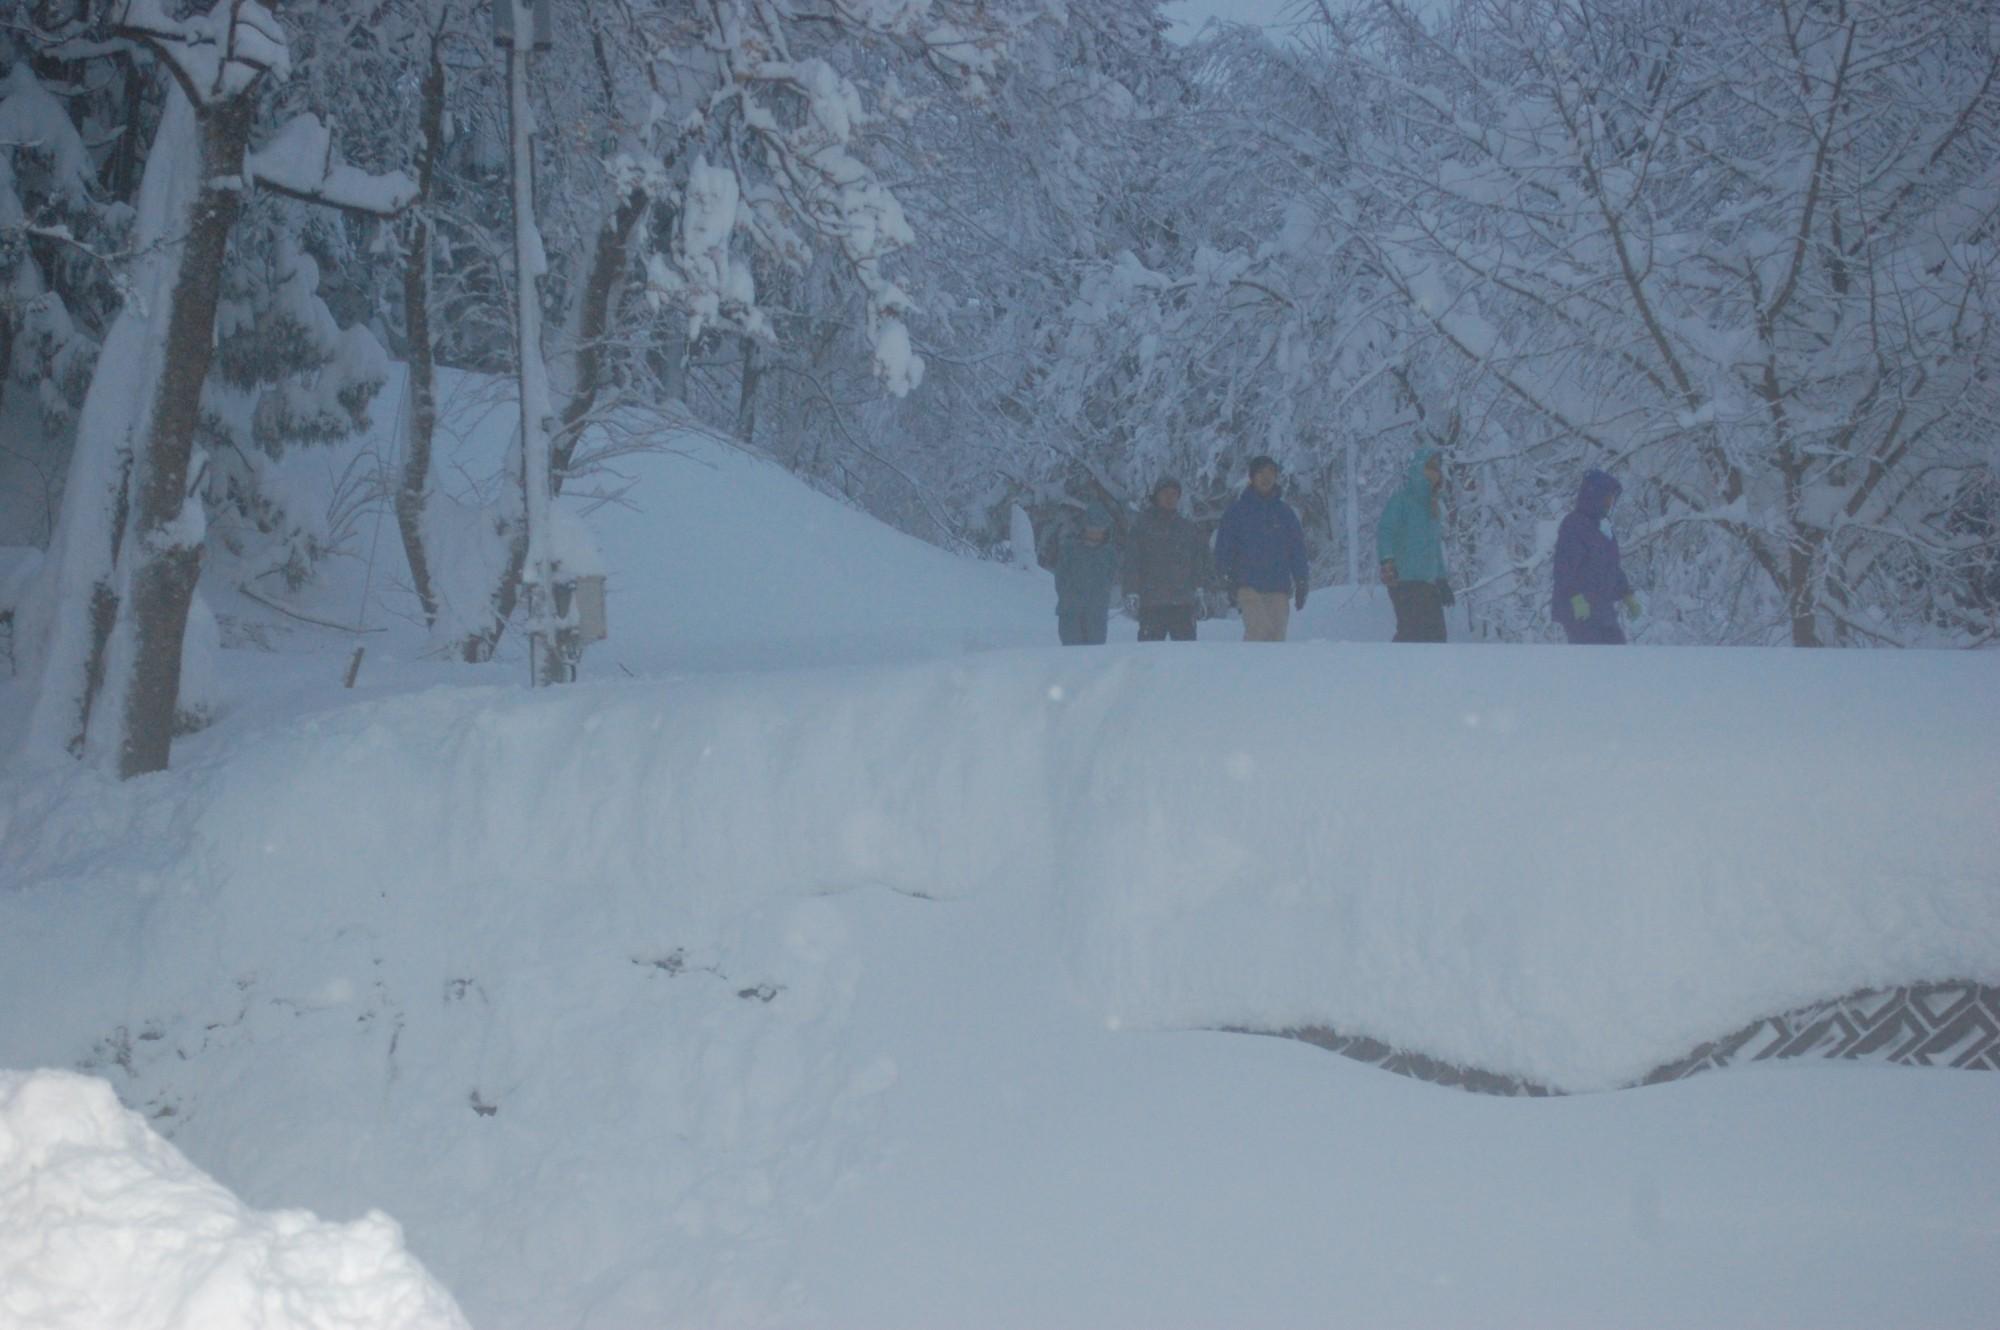 ふかふかの雪。静けさの中に新雪の音だけが聞こえてきます。